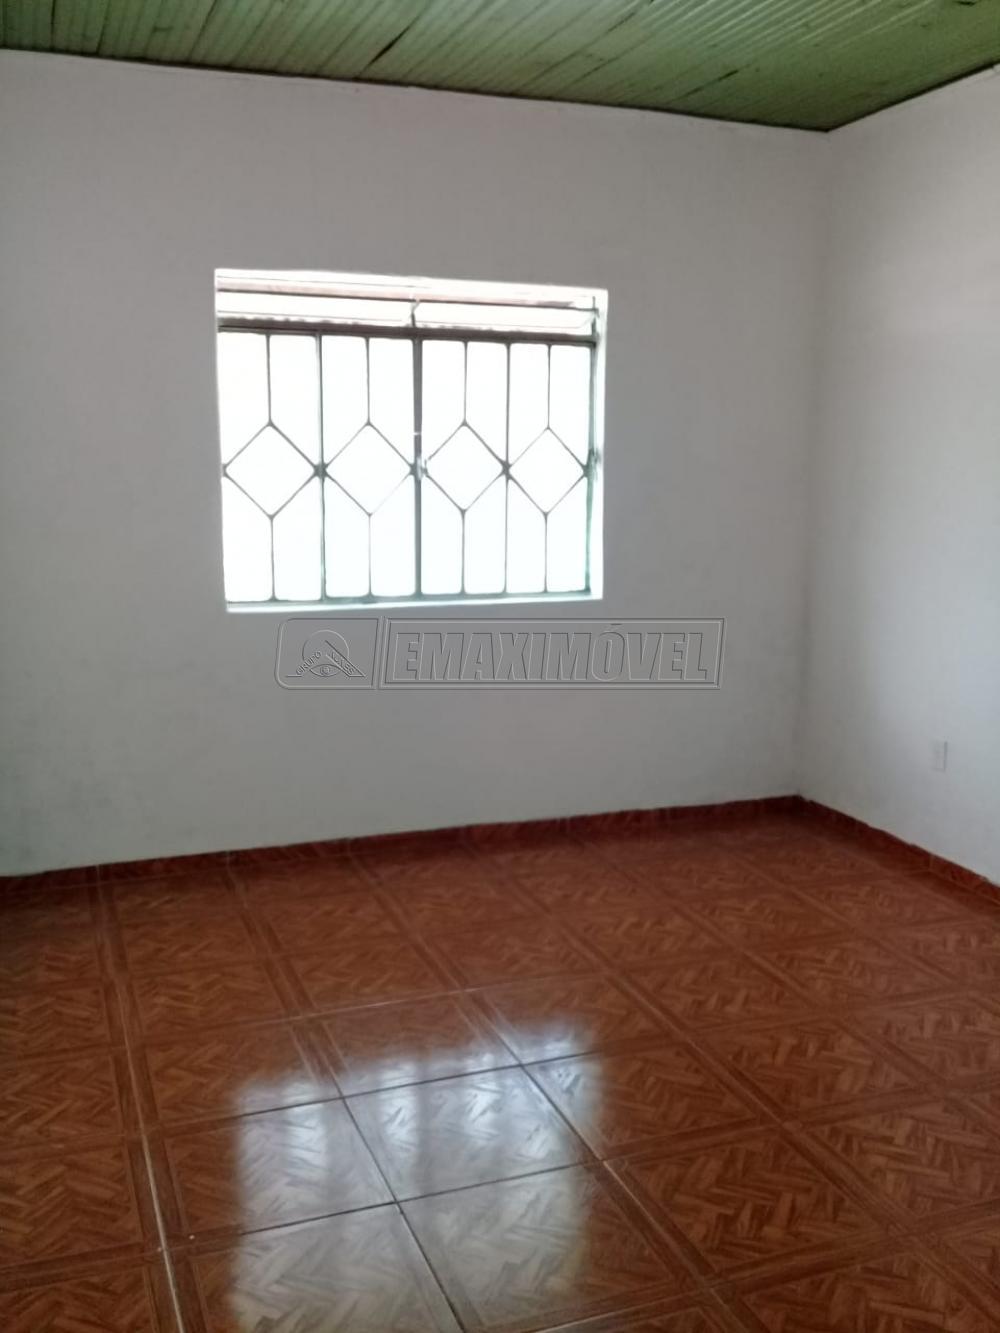 Alugar Casas / em Bairros em Sorocaba apenas R$ 550,00 - Foto 13